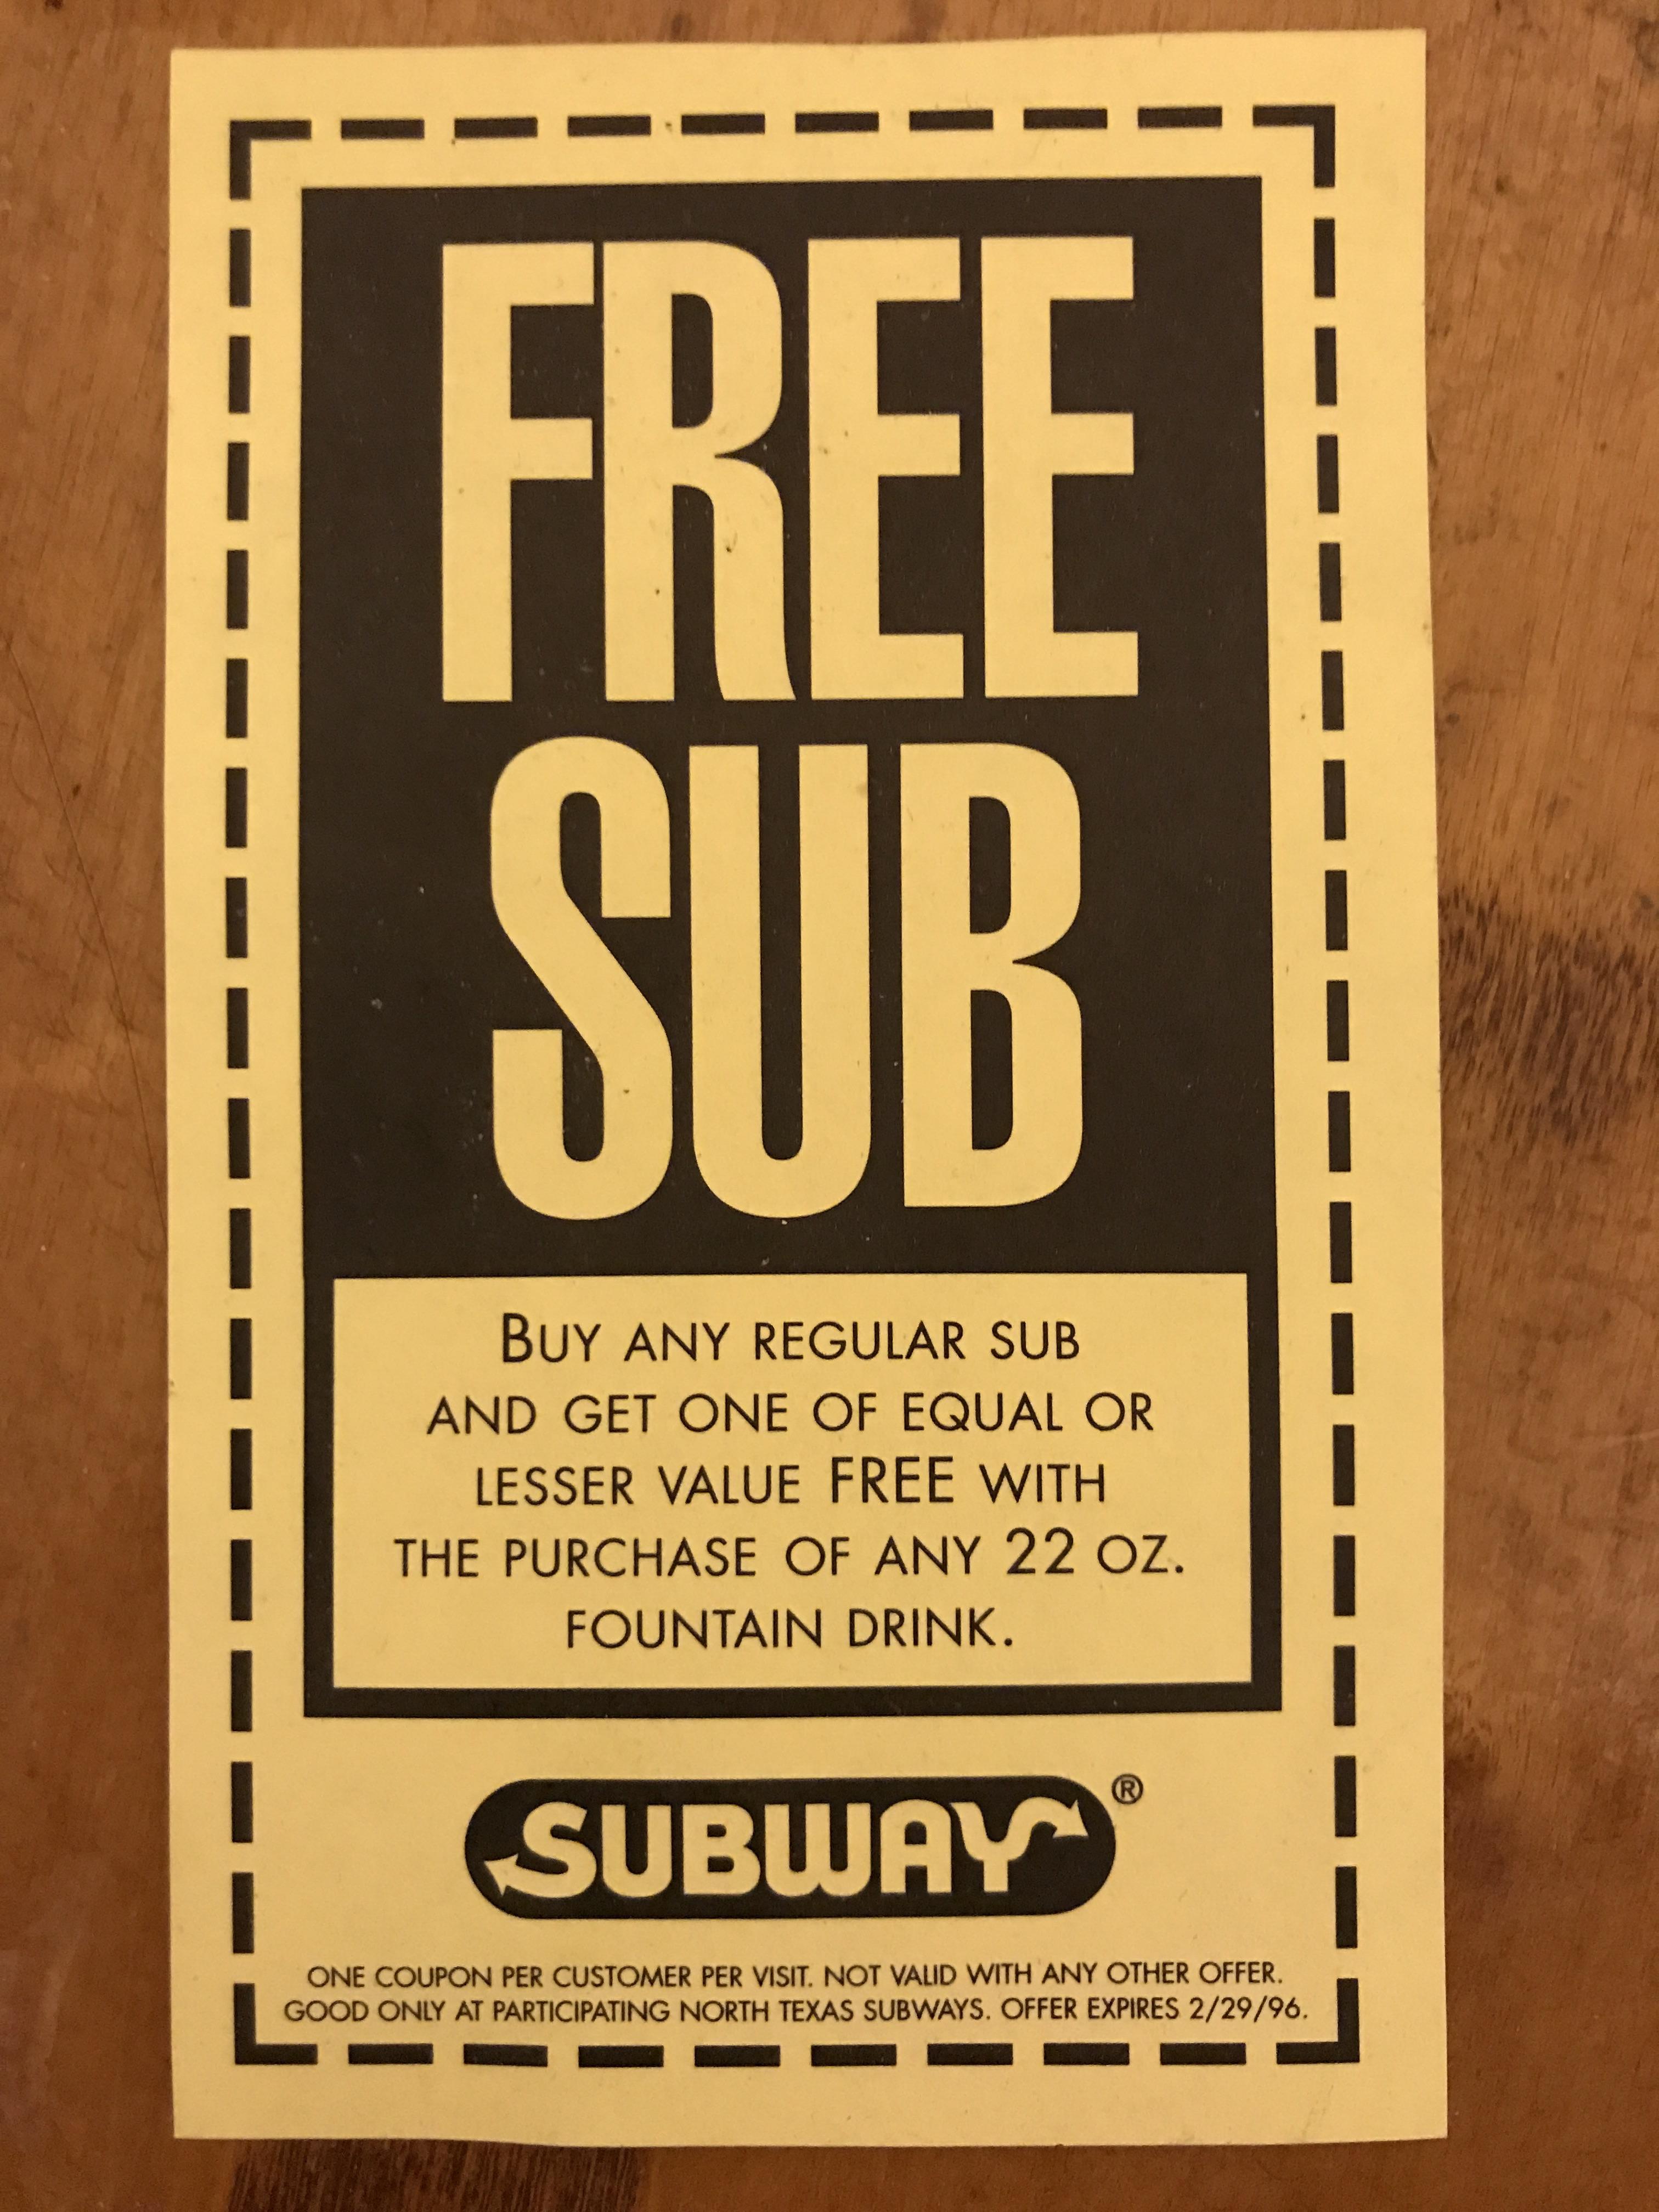 Original Subway Coupon